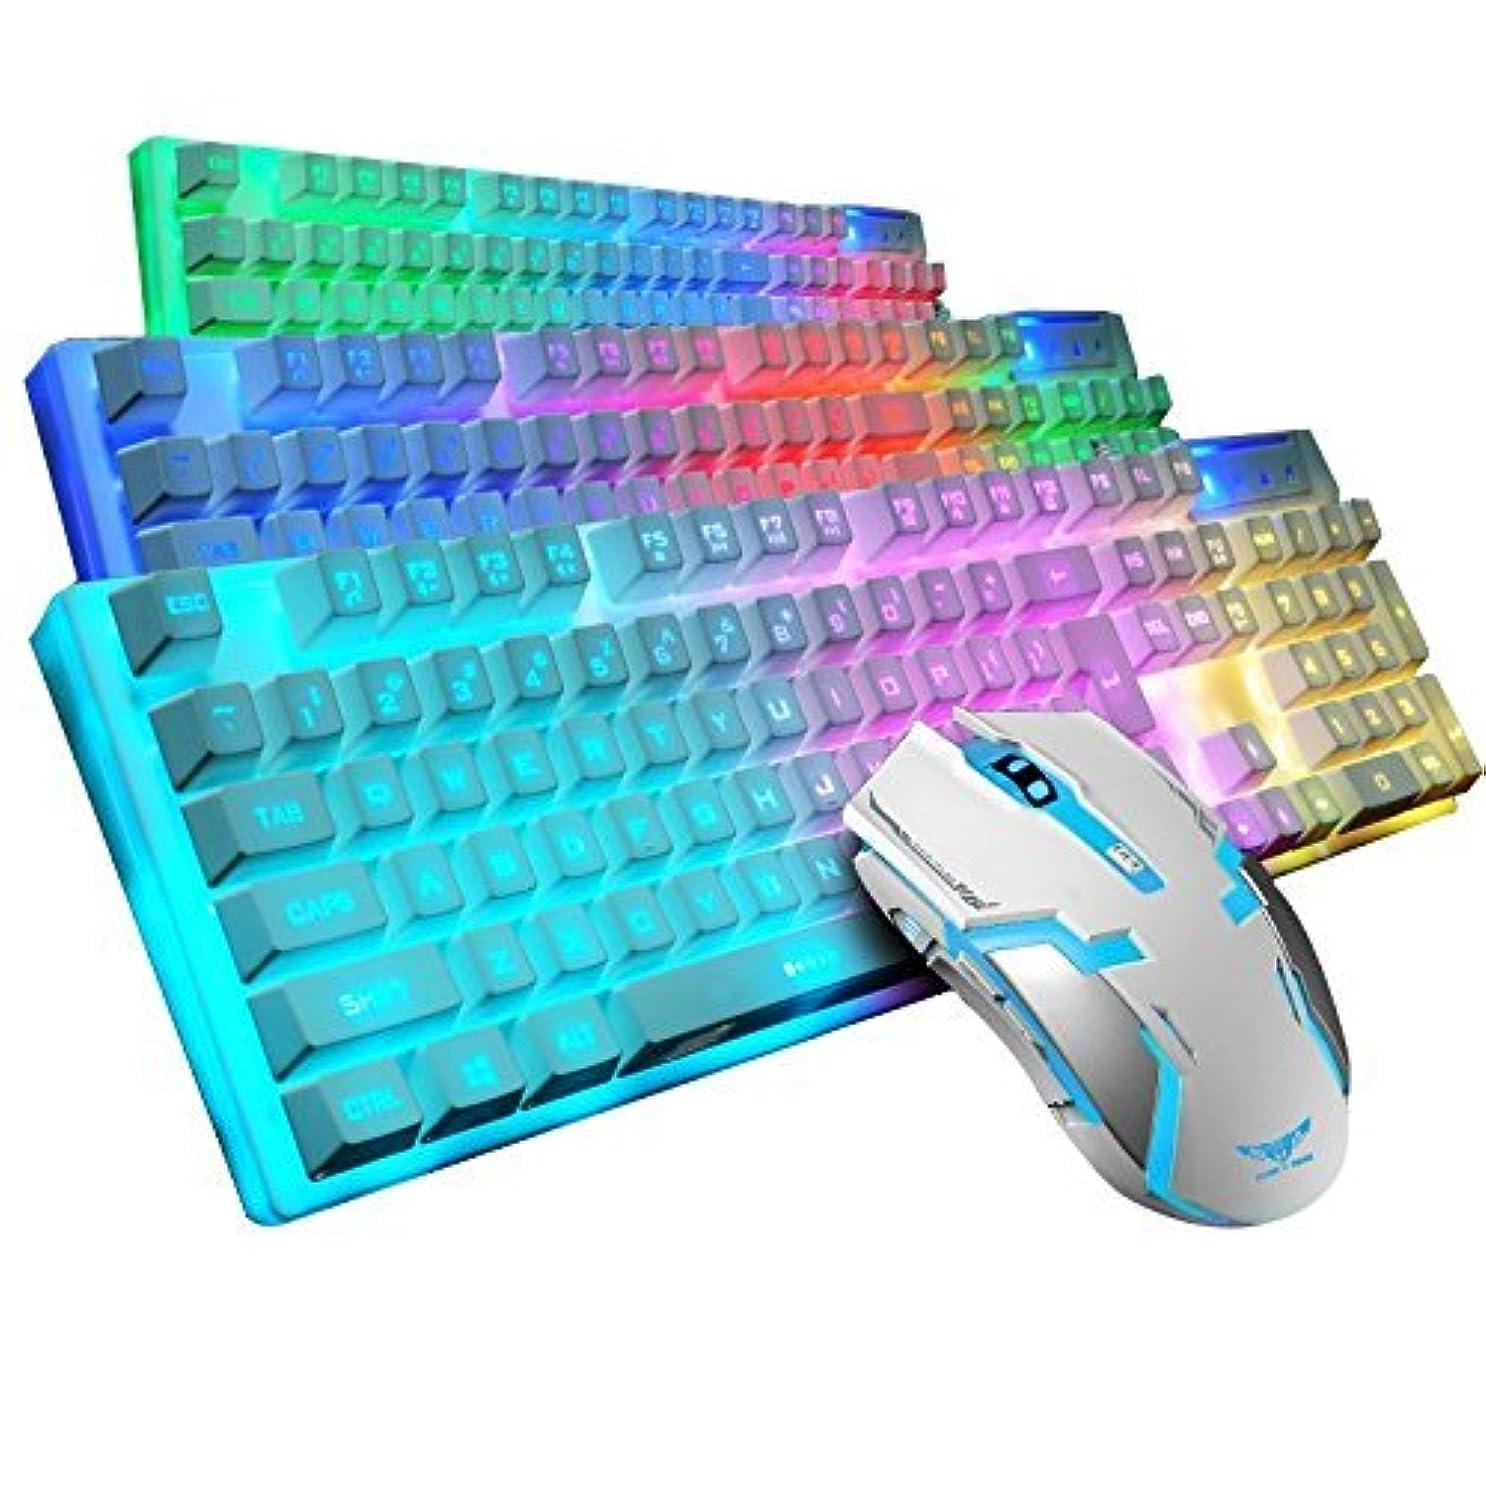 全員地下蒸し器LED Backlight USB Wired Multimedia PC blacklit Gaming Keyboard Game-Mouse SET by Genetic Los Angeles [並行輸入品]